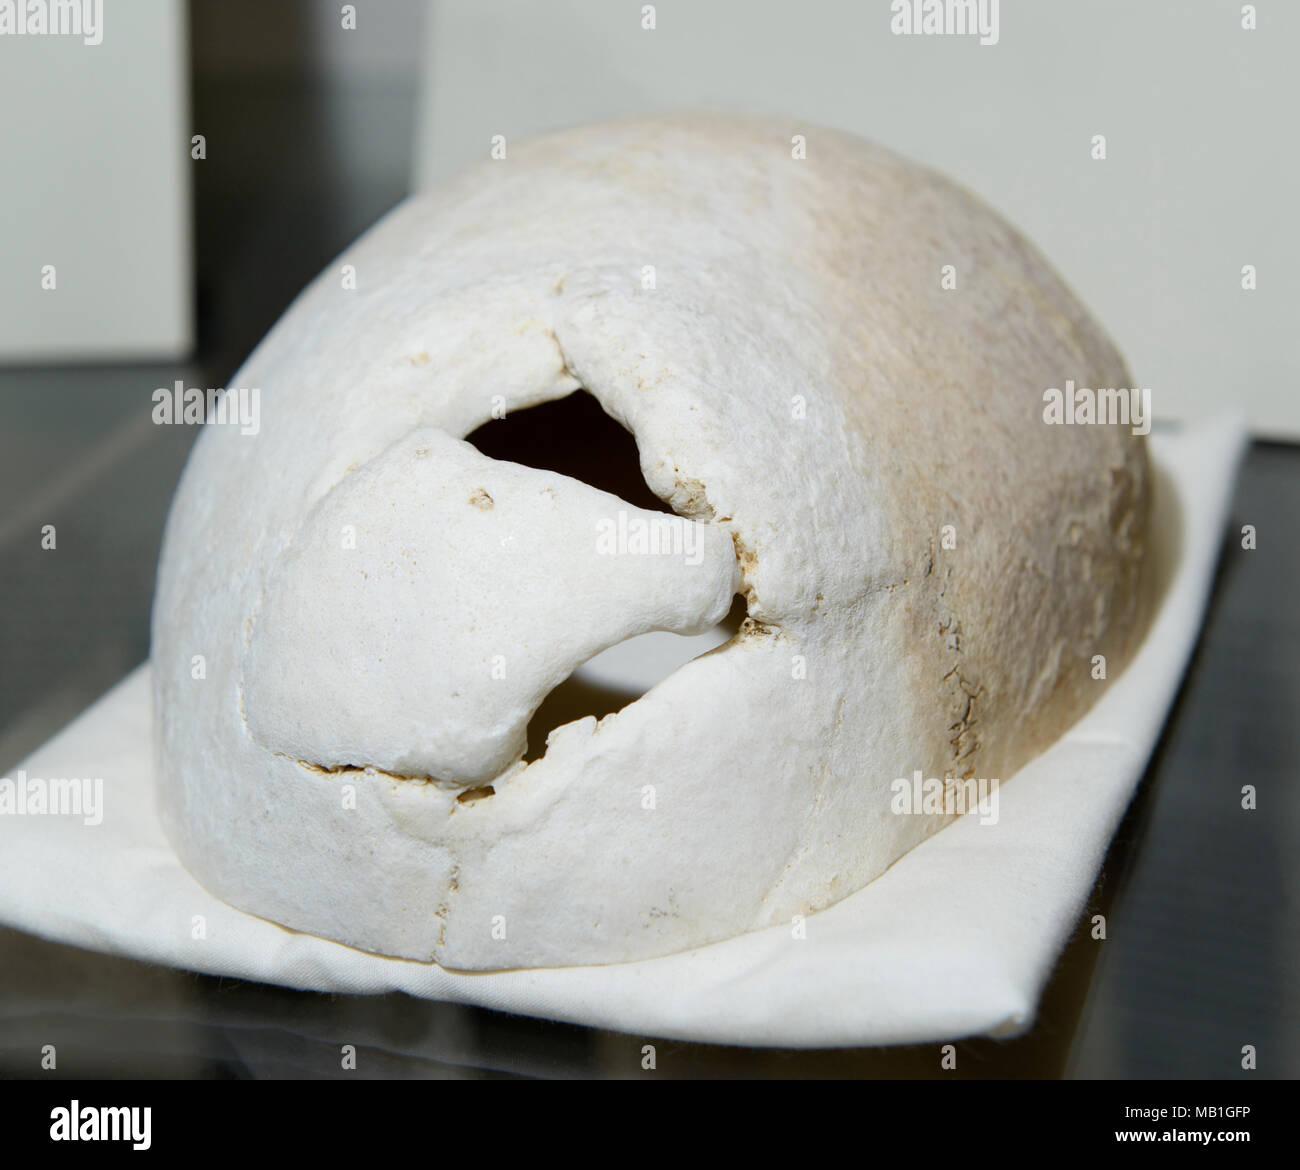 Phineas Gage cranio, sul display presso la Harvard Medical School. Foro nel cranio mostra dove ferro costipatore è andato attraverso il suo lobo frontale nel 1848. Immagini Stock